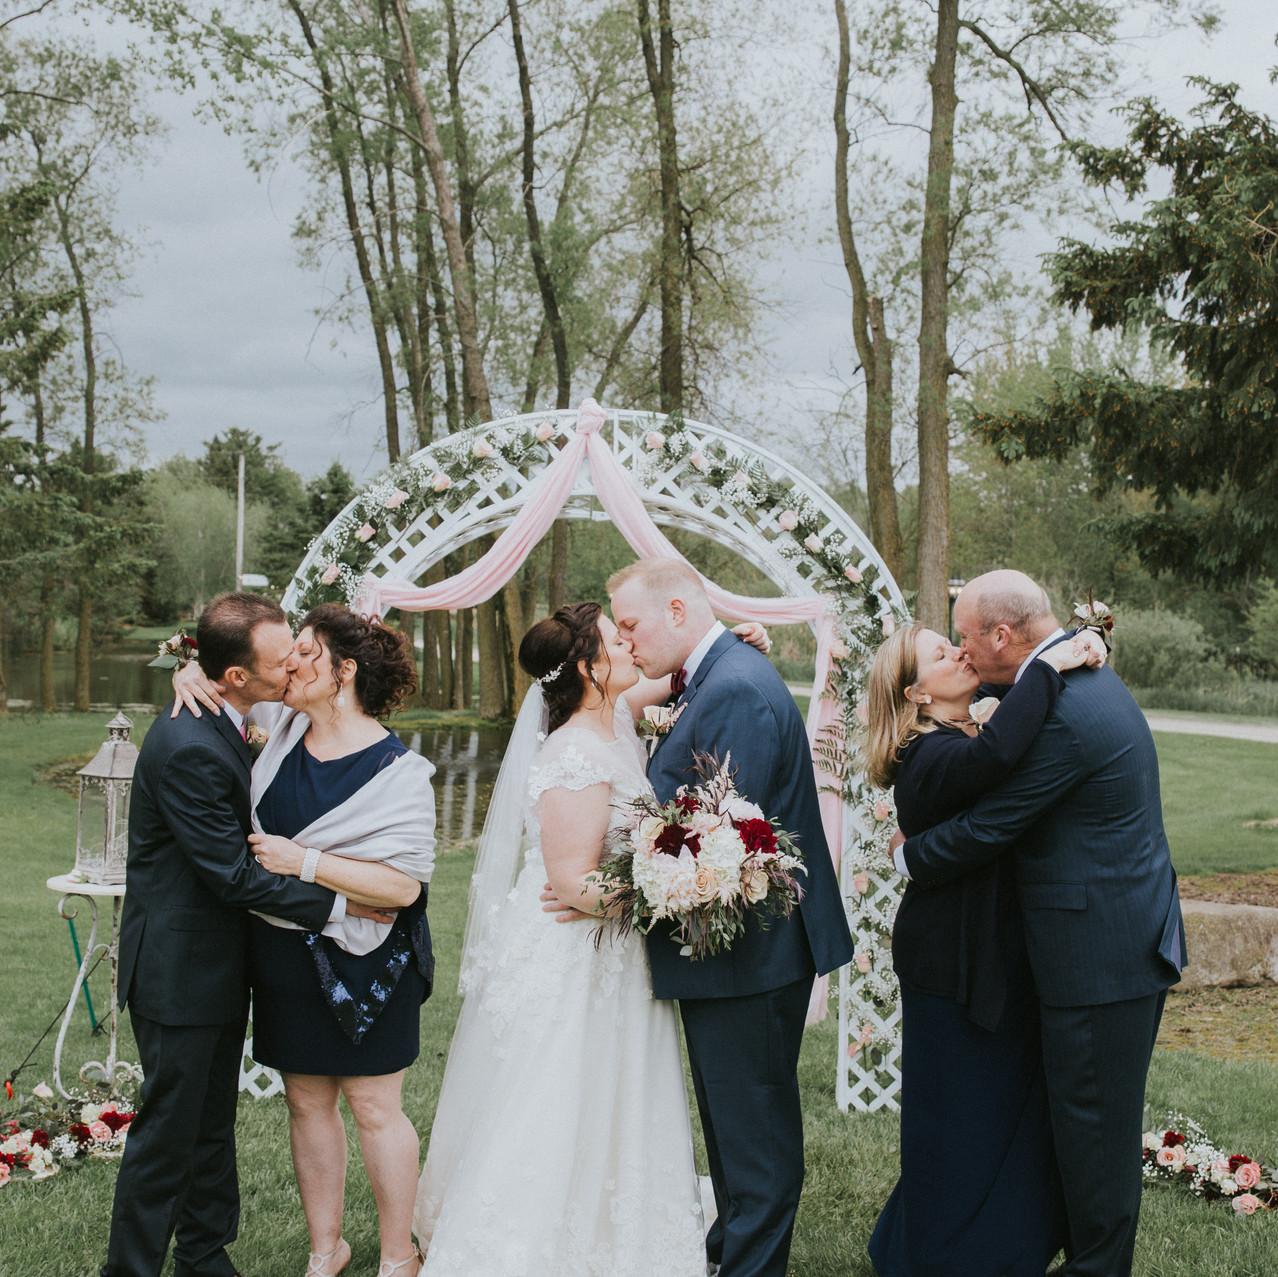 homestead meadows wedding venue